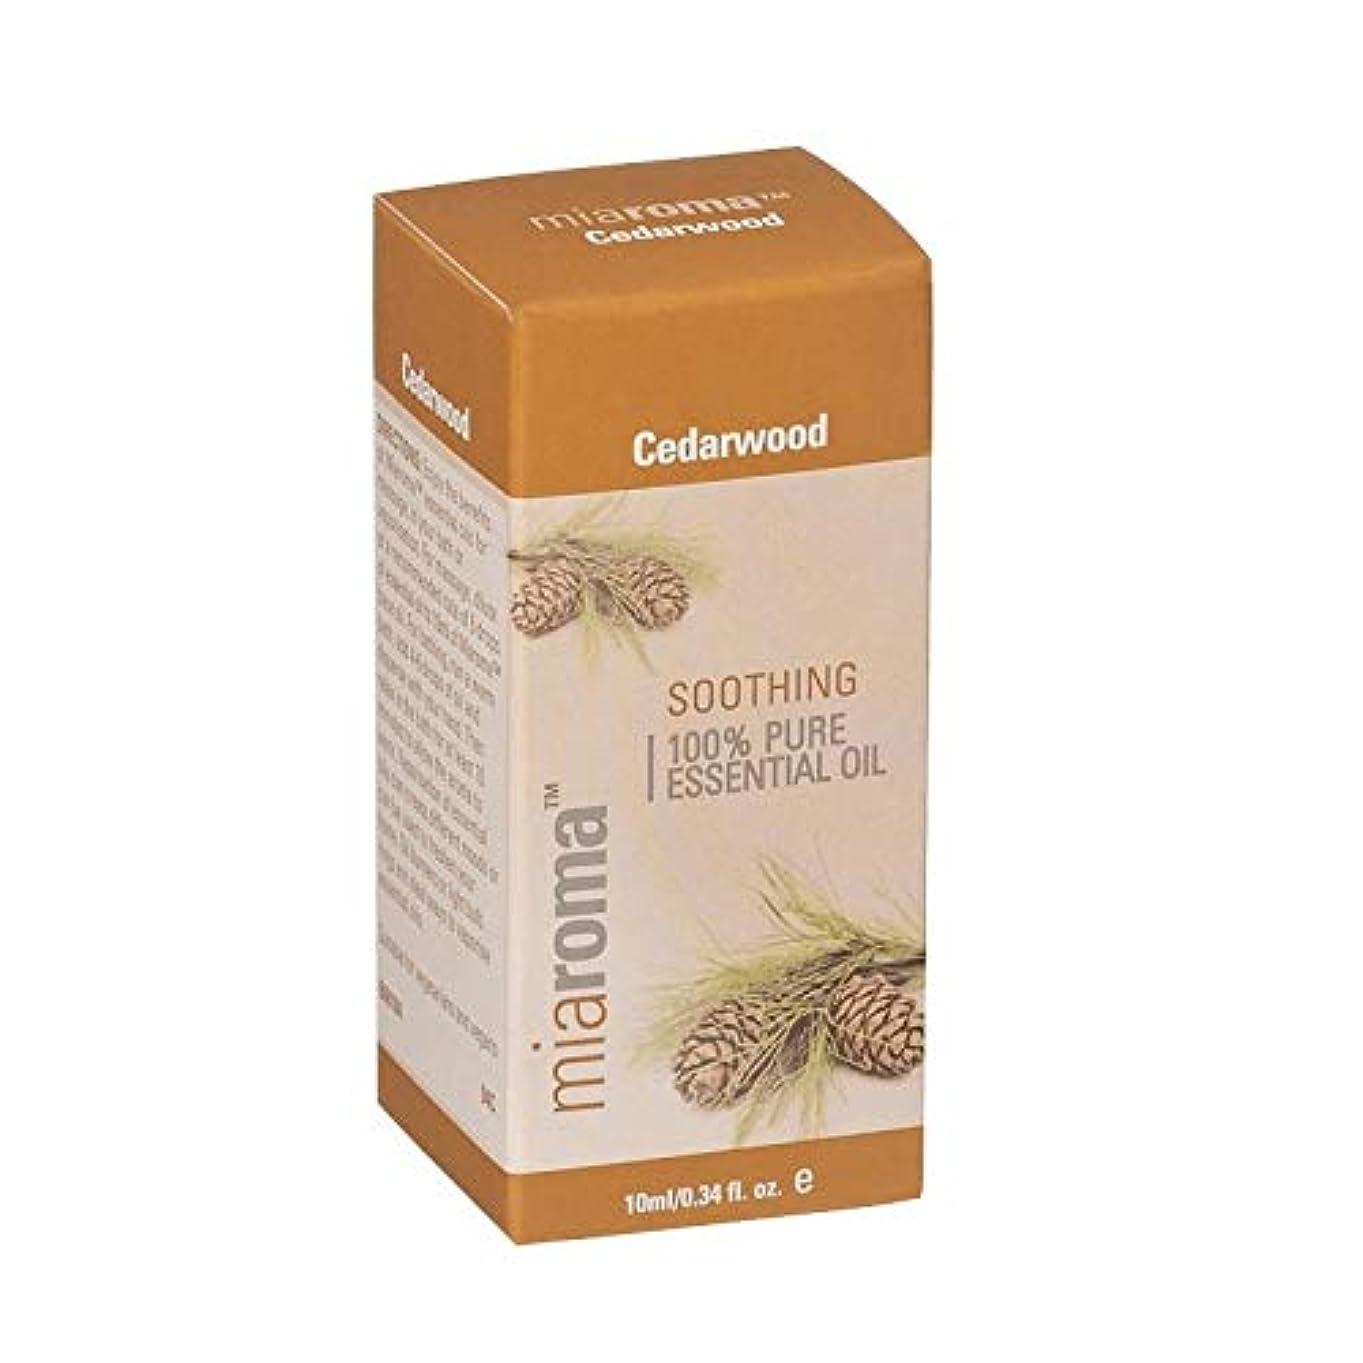 騒乱控える邪魔する[Miaroma] Miaromaシダーウッドピュアエッセンシャルオイル - Miaroma Cedarwood Pure Essential Oil [並行輸入品]